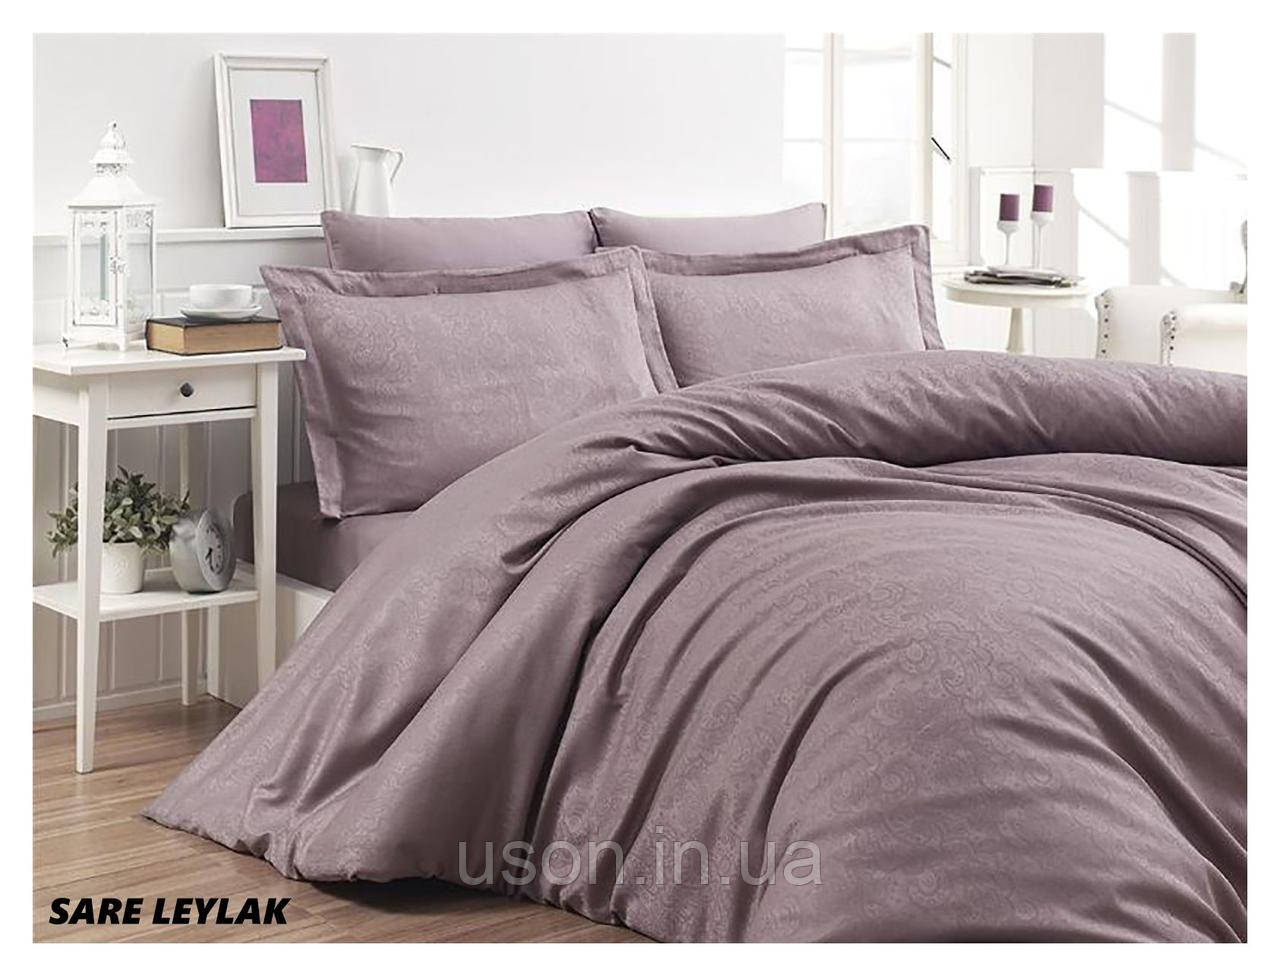 Комплект  постельного белья  жаккард First Choice SARE LEYLAK